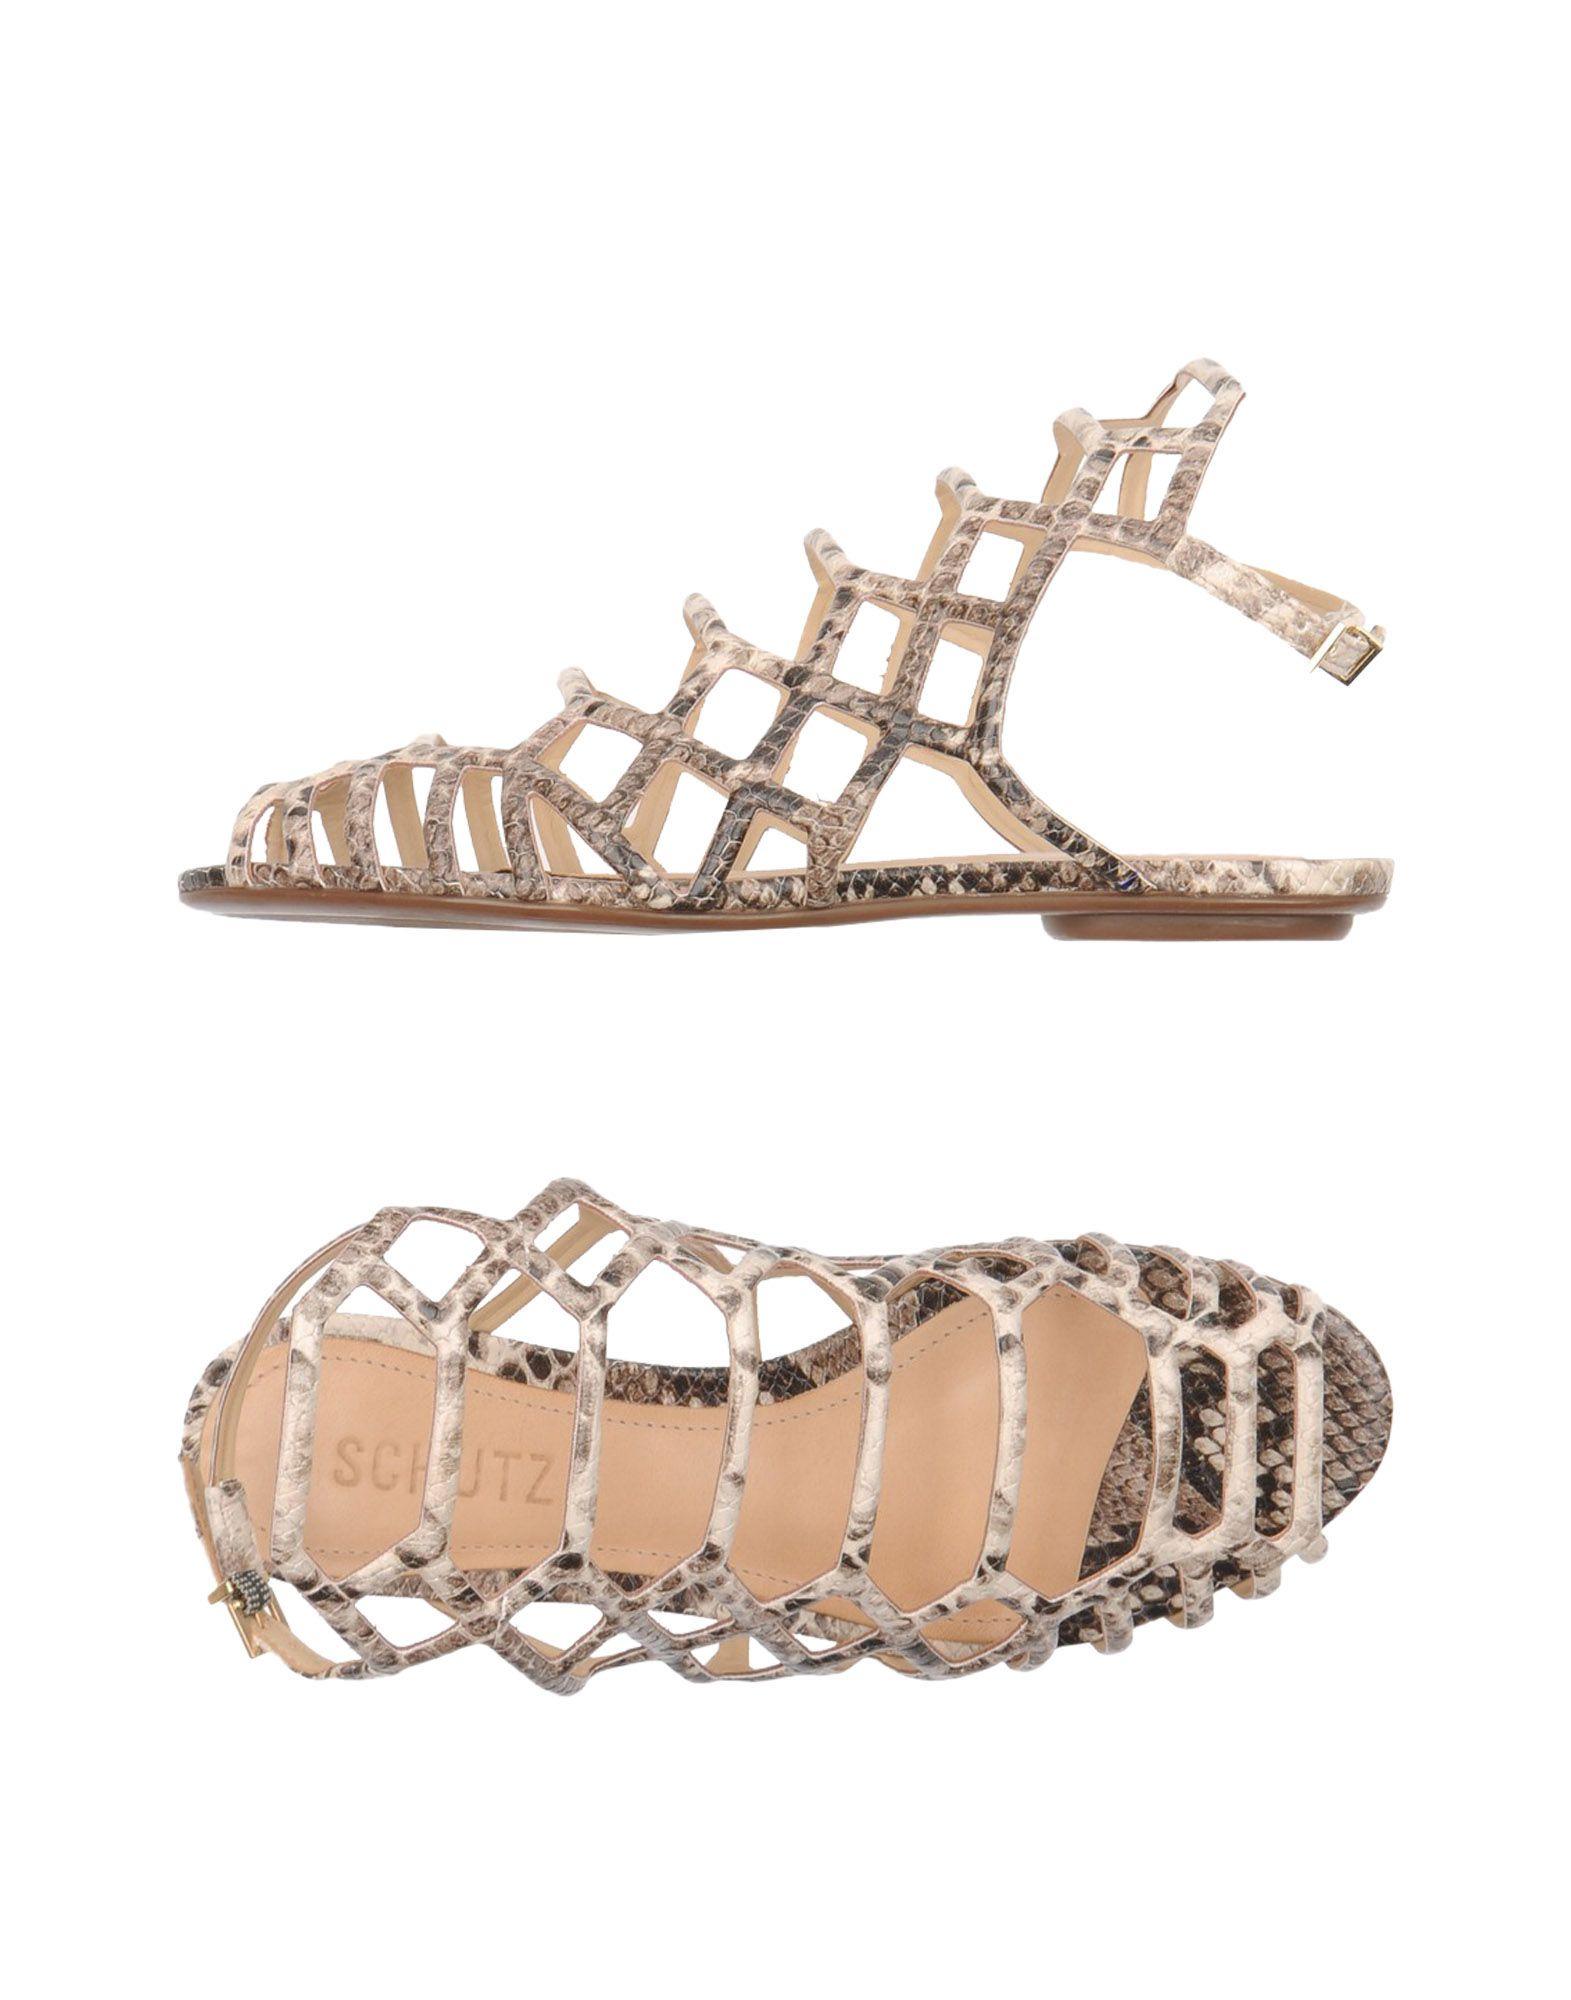 Schutz Sandals - on Women Schutz Sandals online on -  United Kingdom - 11191202BL c7937e